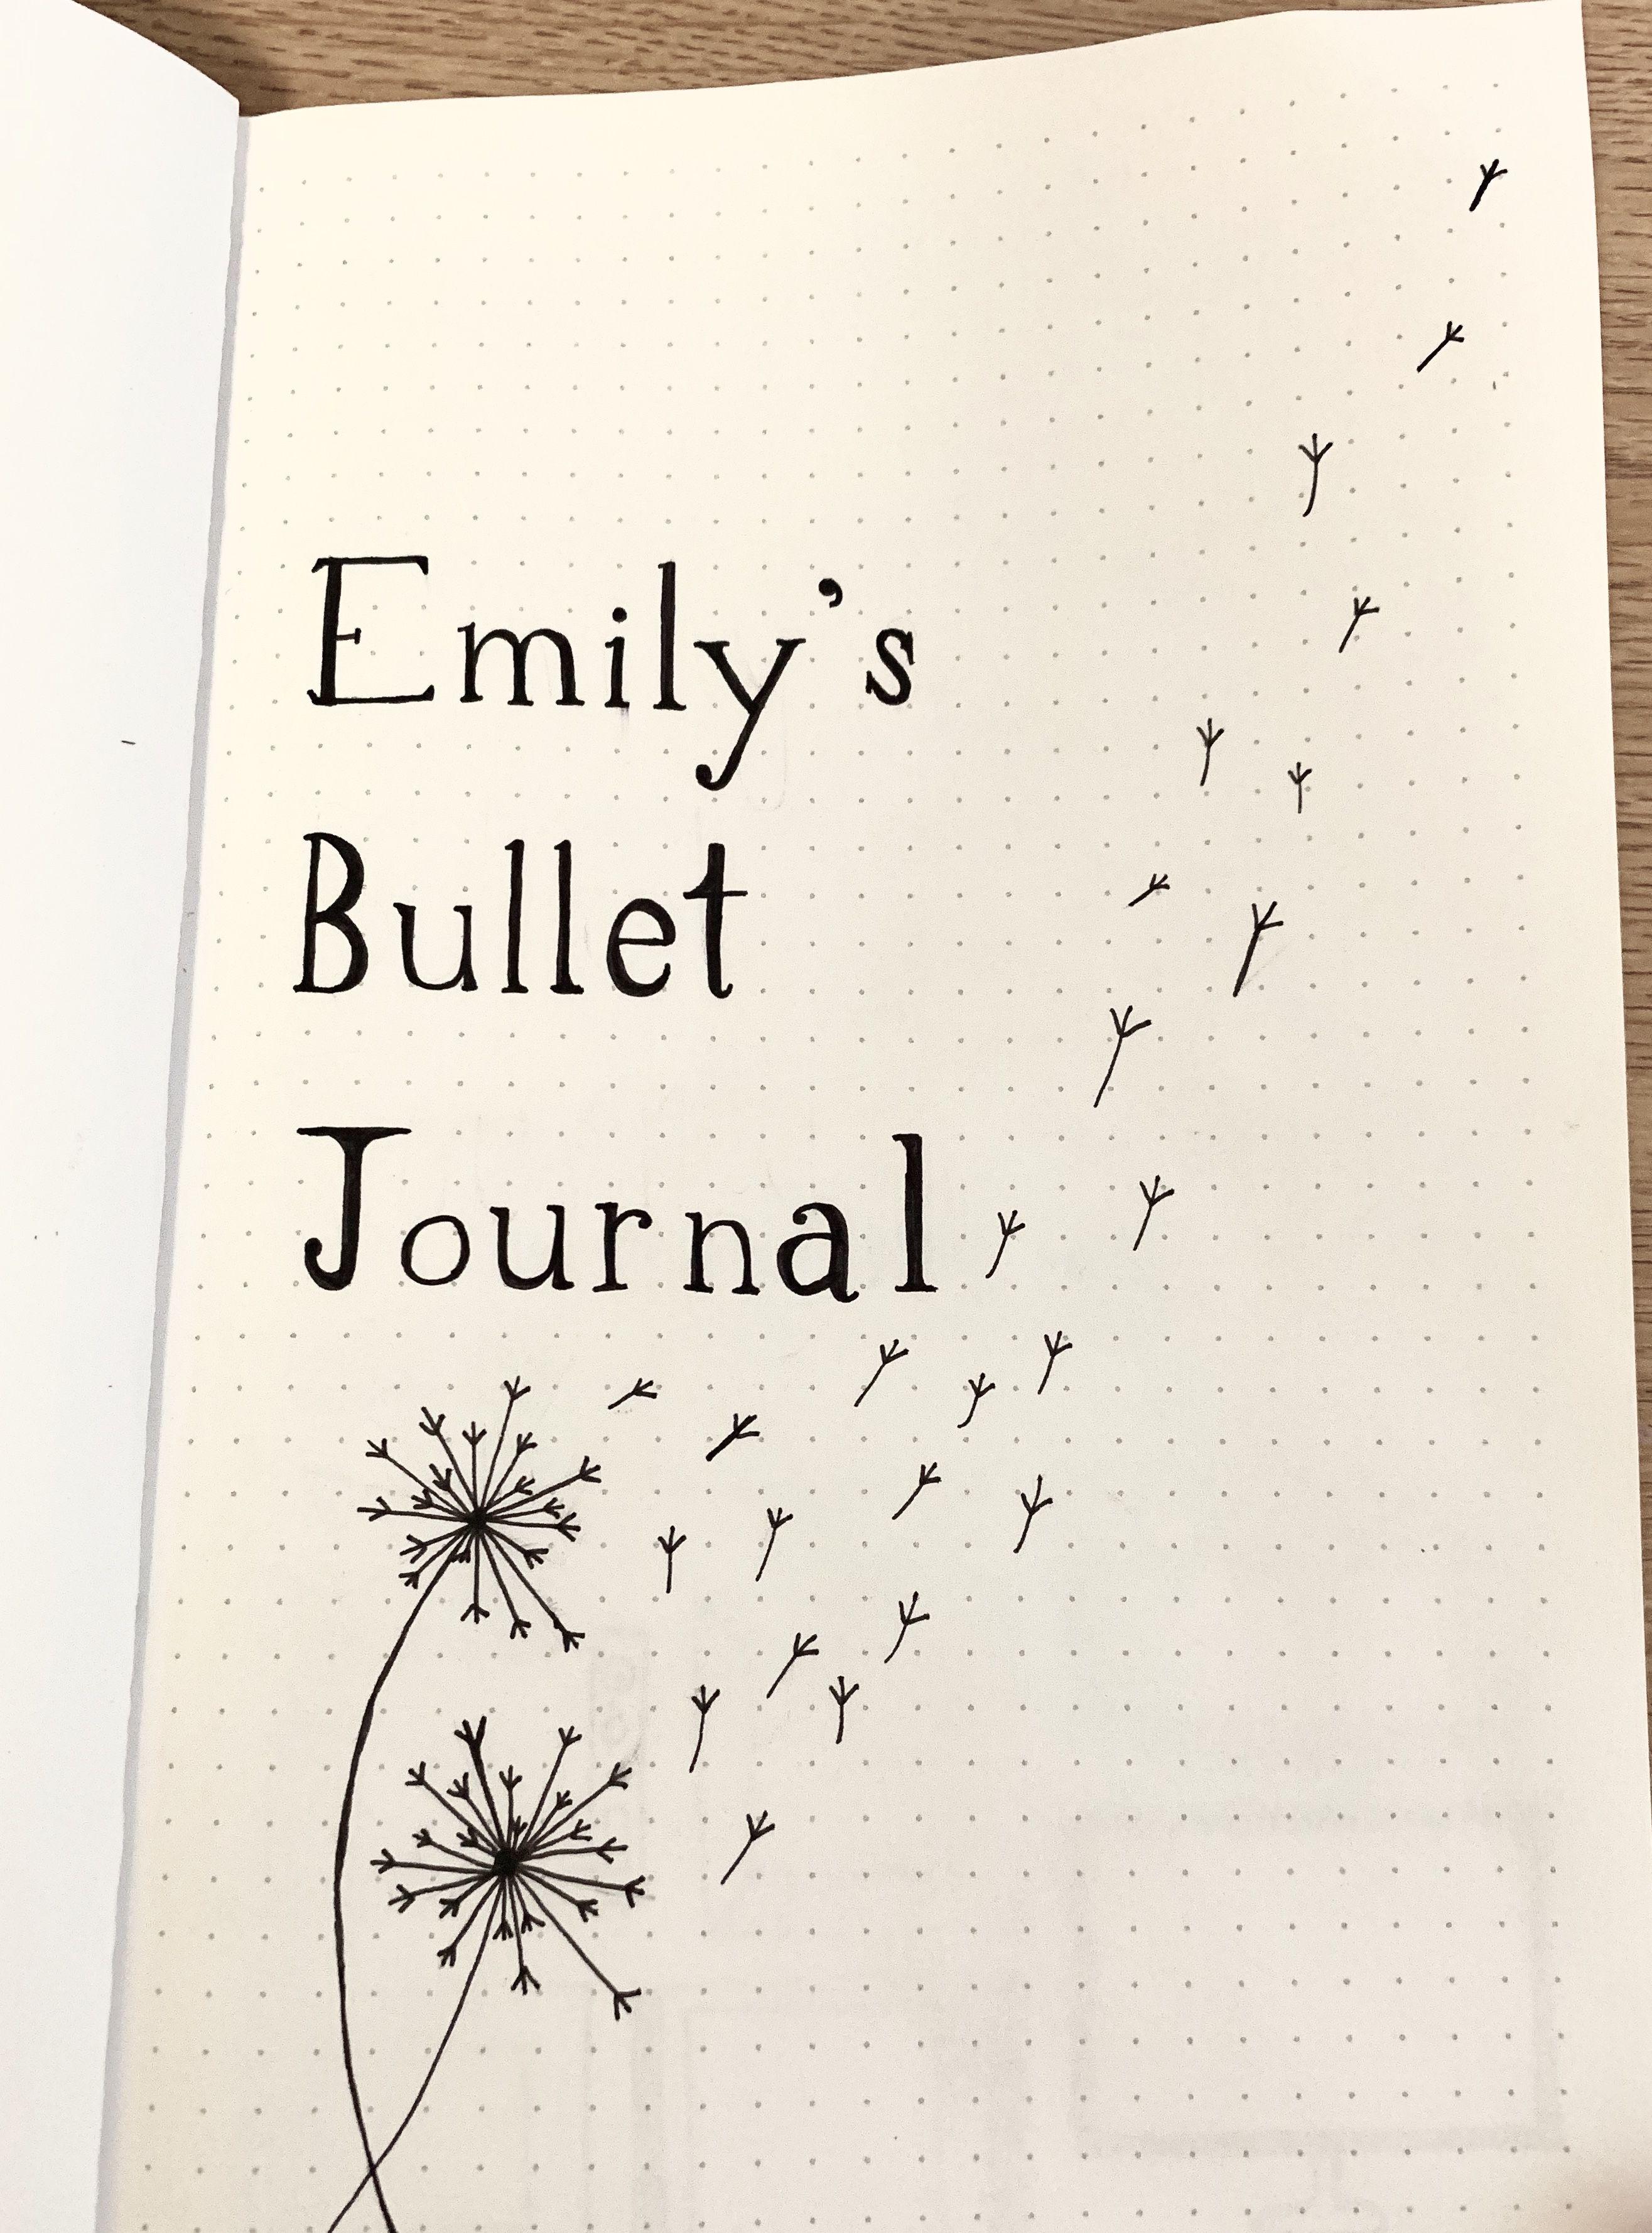 arte journal heute